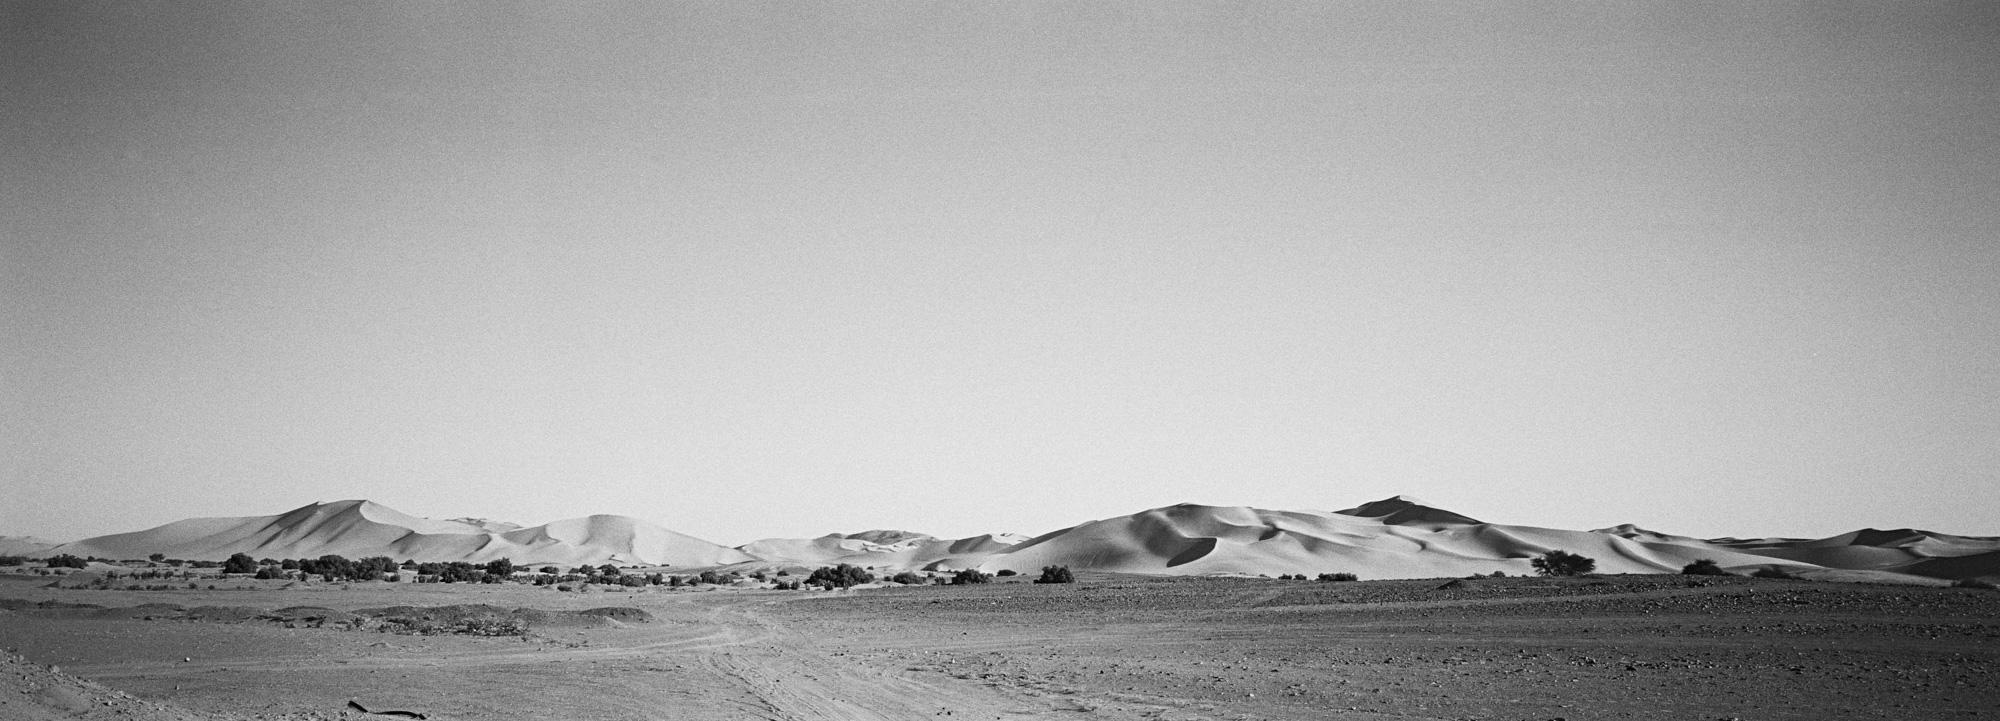 Environ 1330 kilomètres séparent la ville de Ghardaïa dans le Mzab et Tamanrasset porte de l'Afrique Noire. Egalement appelée Transsaharienne, la nationale 1 longue de 2335km relie Alger au Niger. Algérie-6/02/2016.